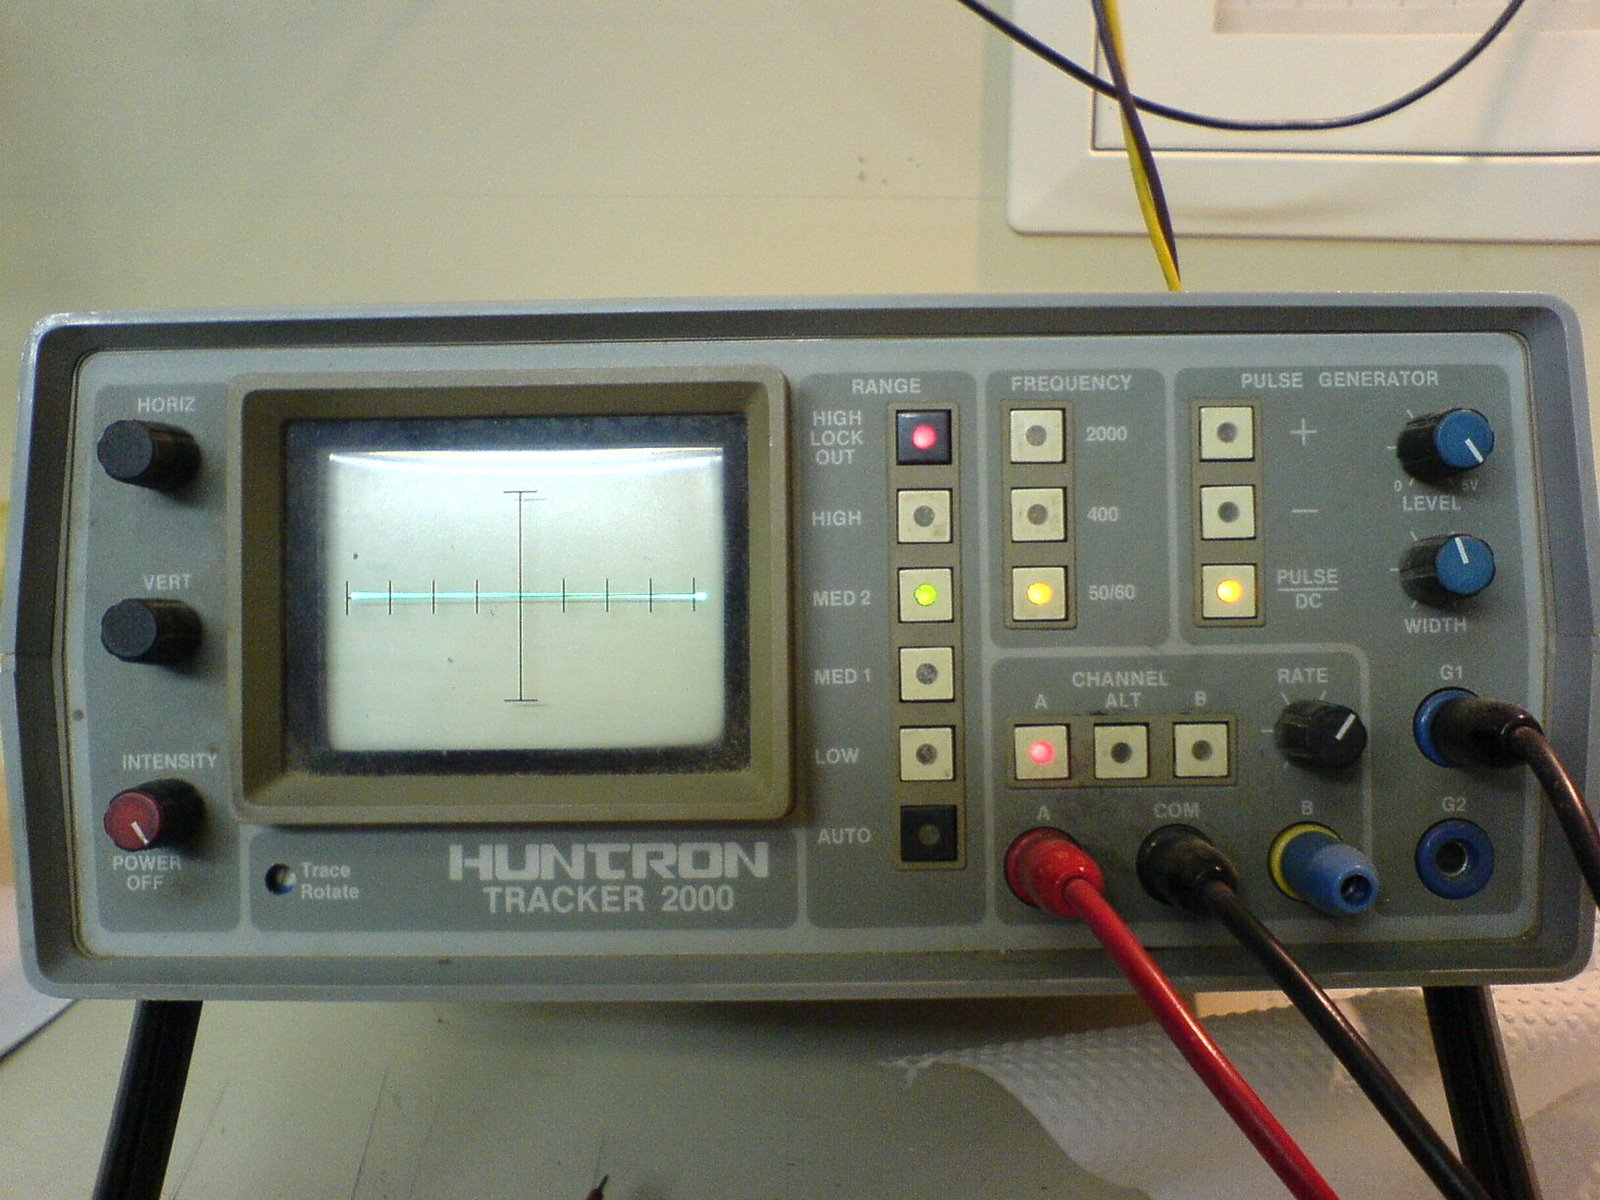 Elektrotechniker Components Blog Oscilloscope Testing Module Huntron Circuit Tracker Body Schwierigkeiten Von Elektronischen Bauteilen So Etwas Wie Oszilloskop